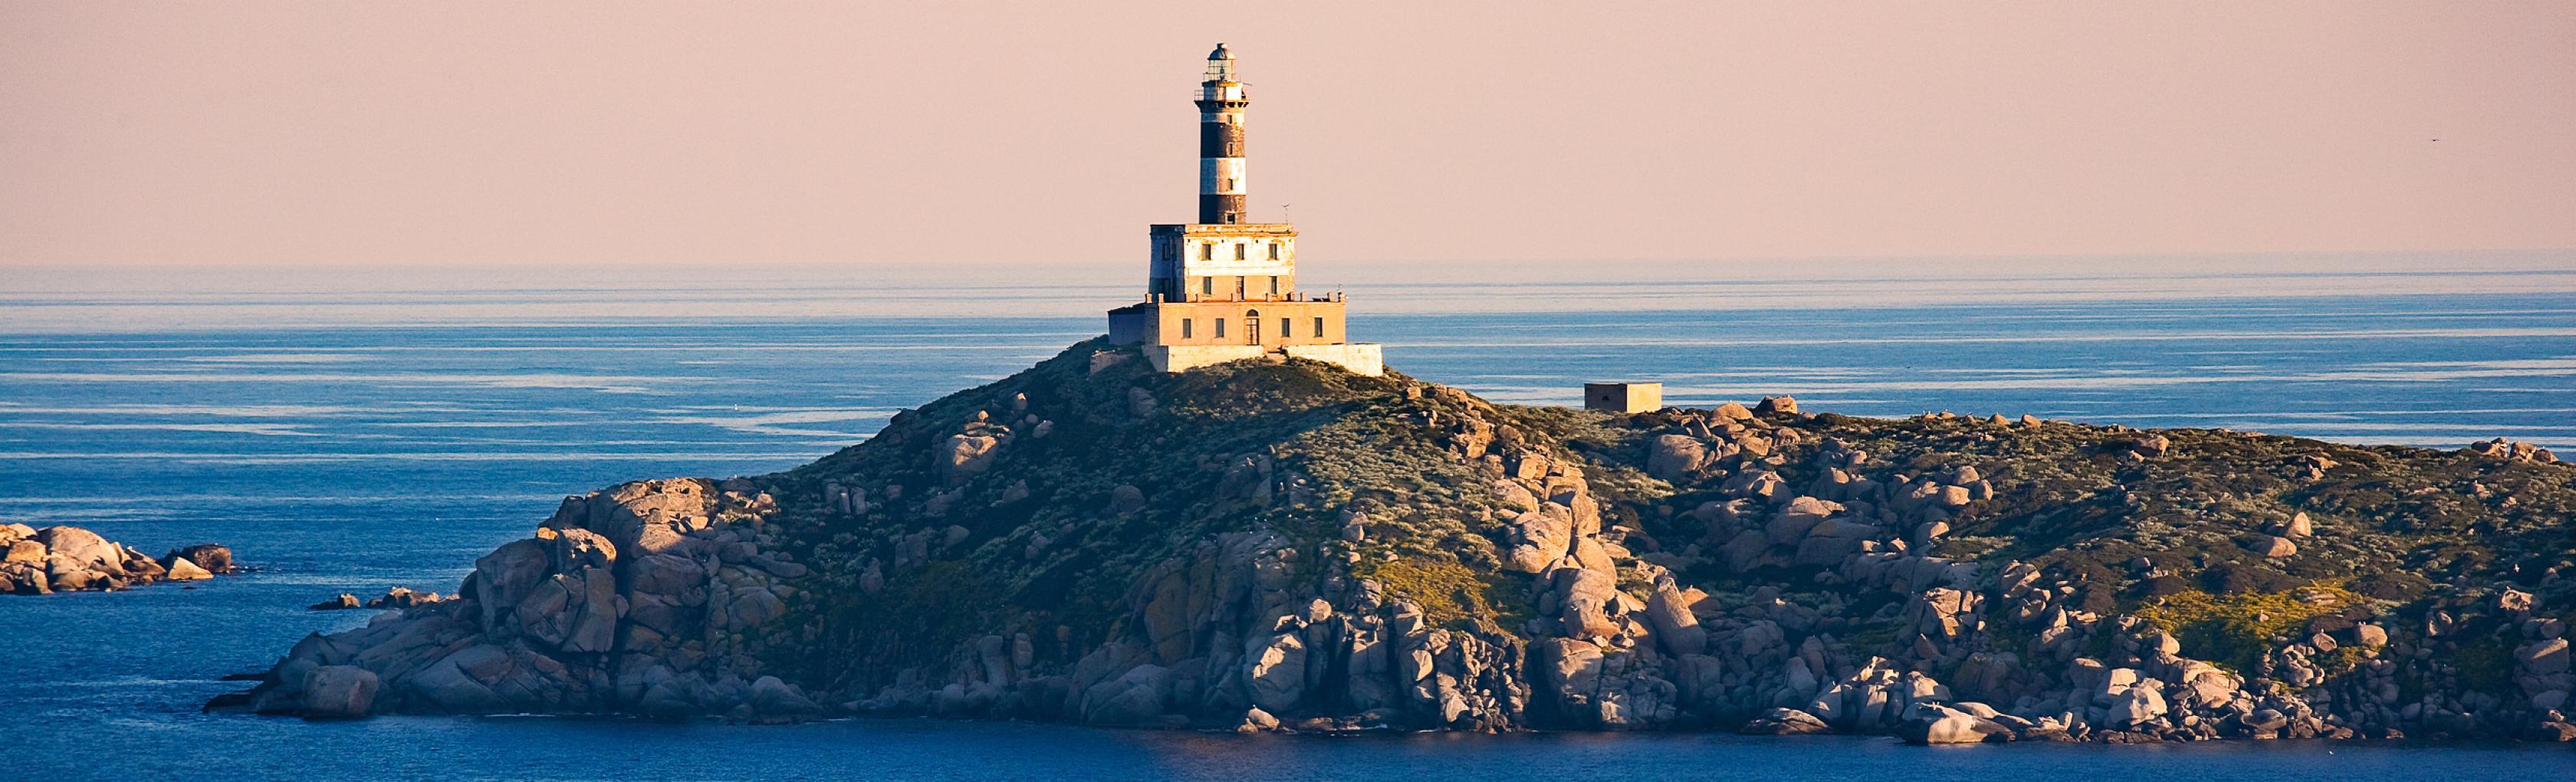 Faro, Isola dei Cavoli - Villasimius